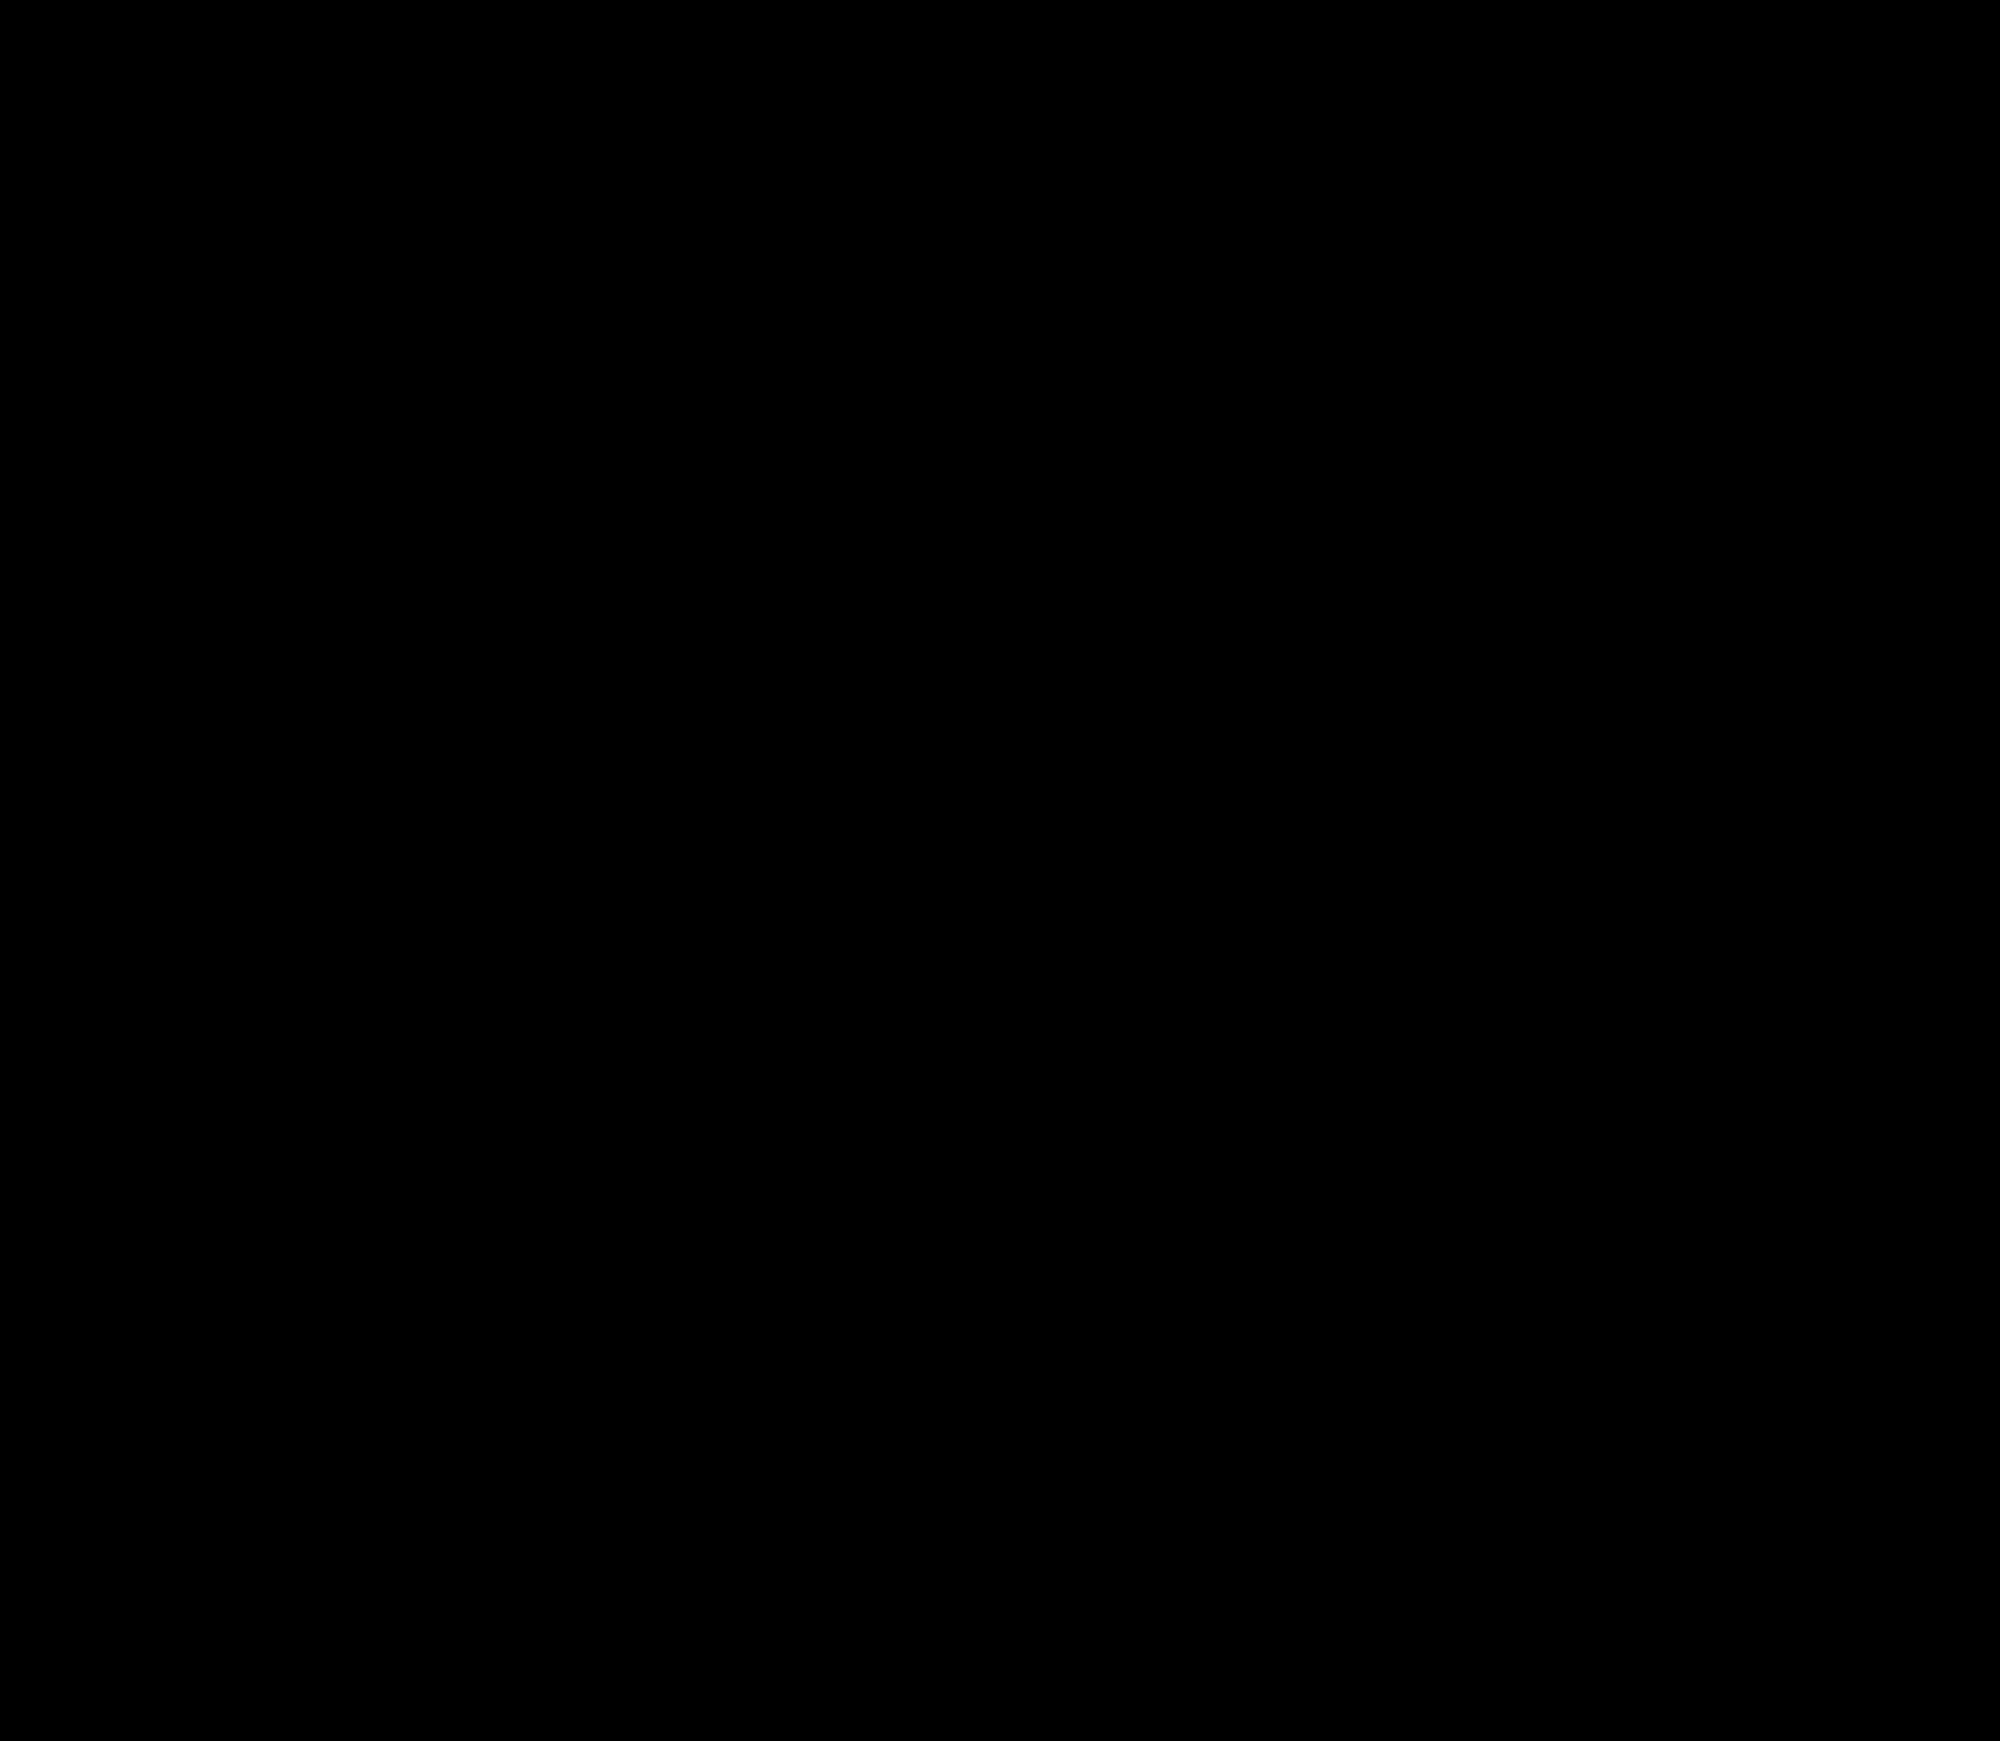 Keith moon final by harris lipton infographic biocorpaavc